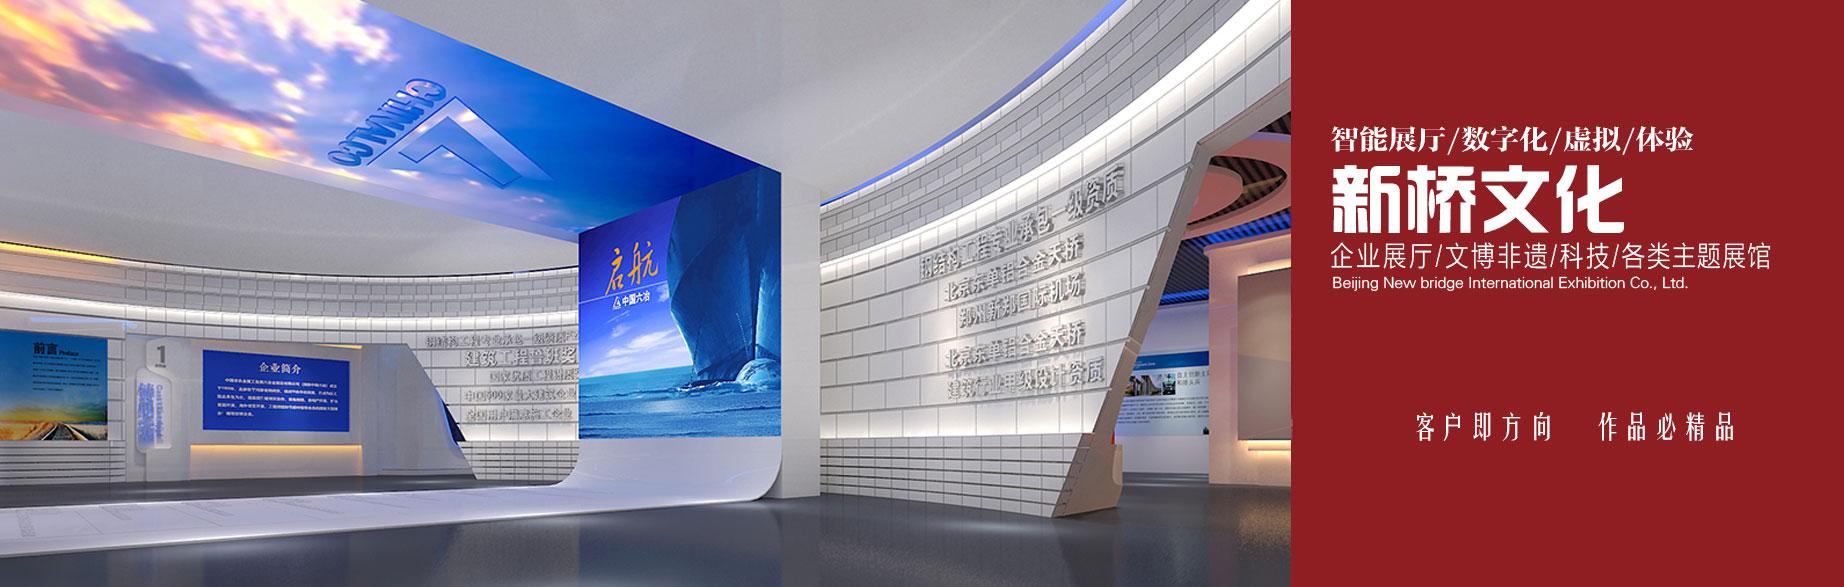 北京新桥国际展览展示有限公司 网站